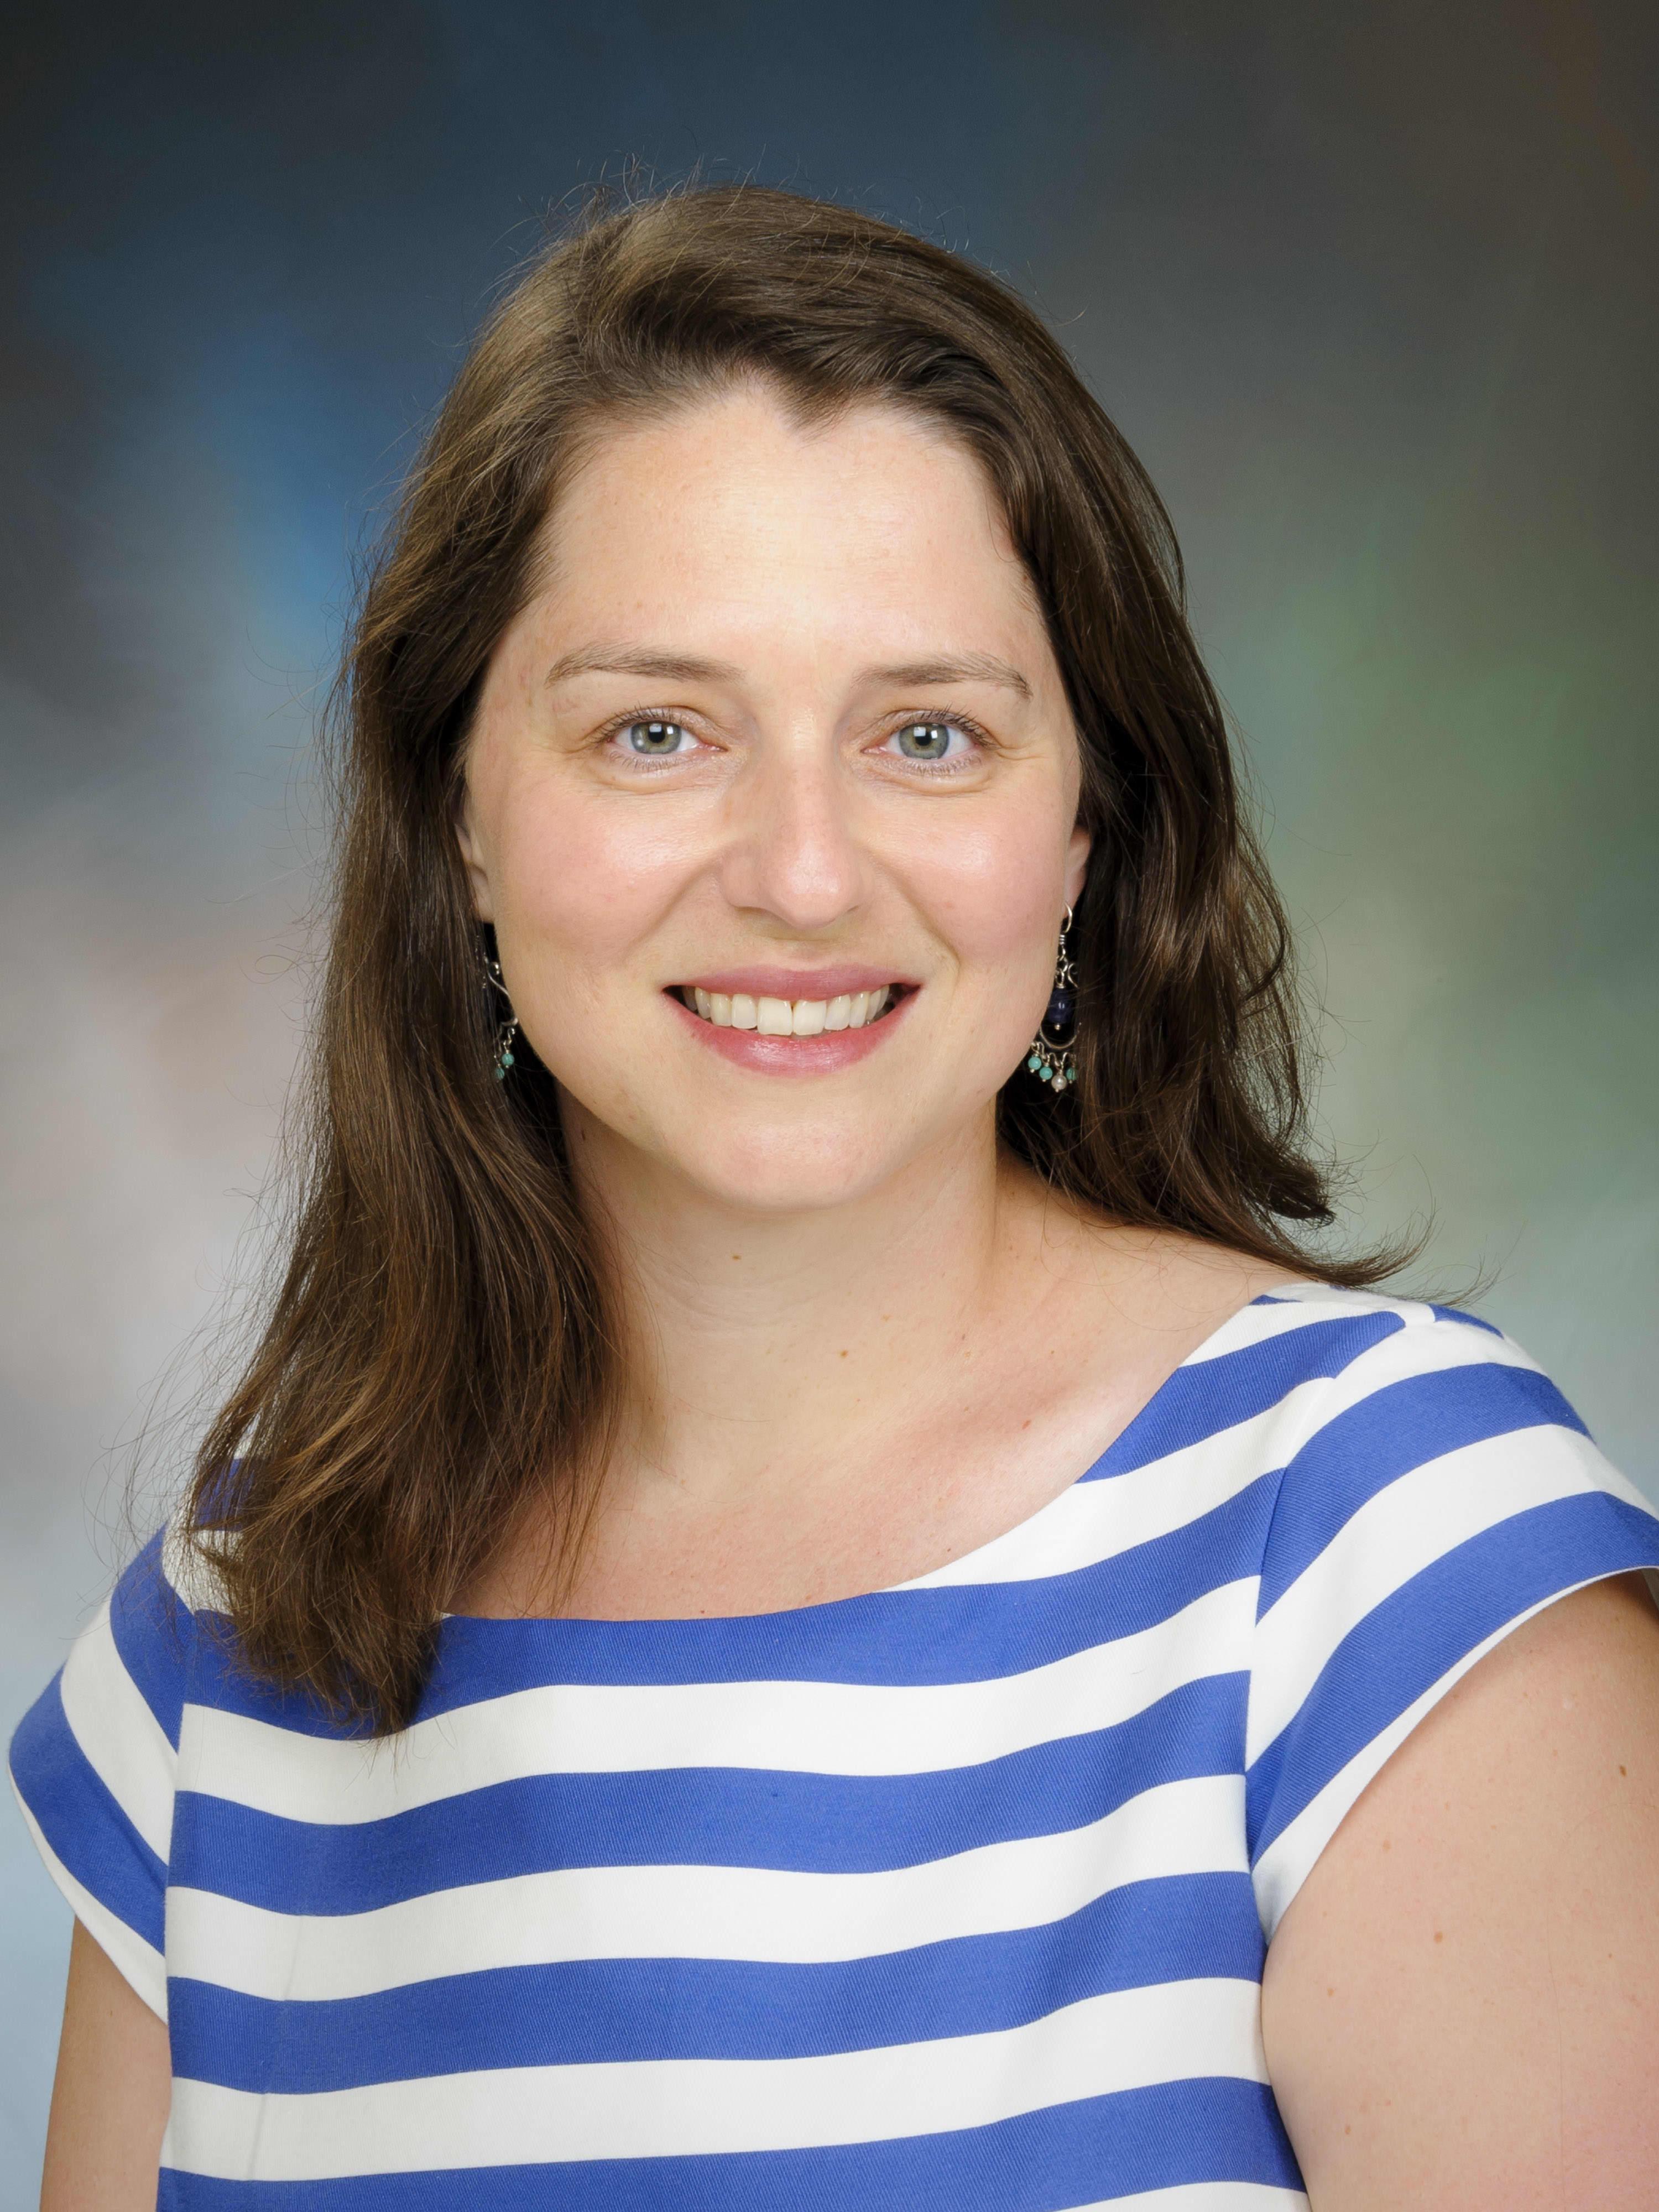 Sarah Baxley